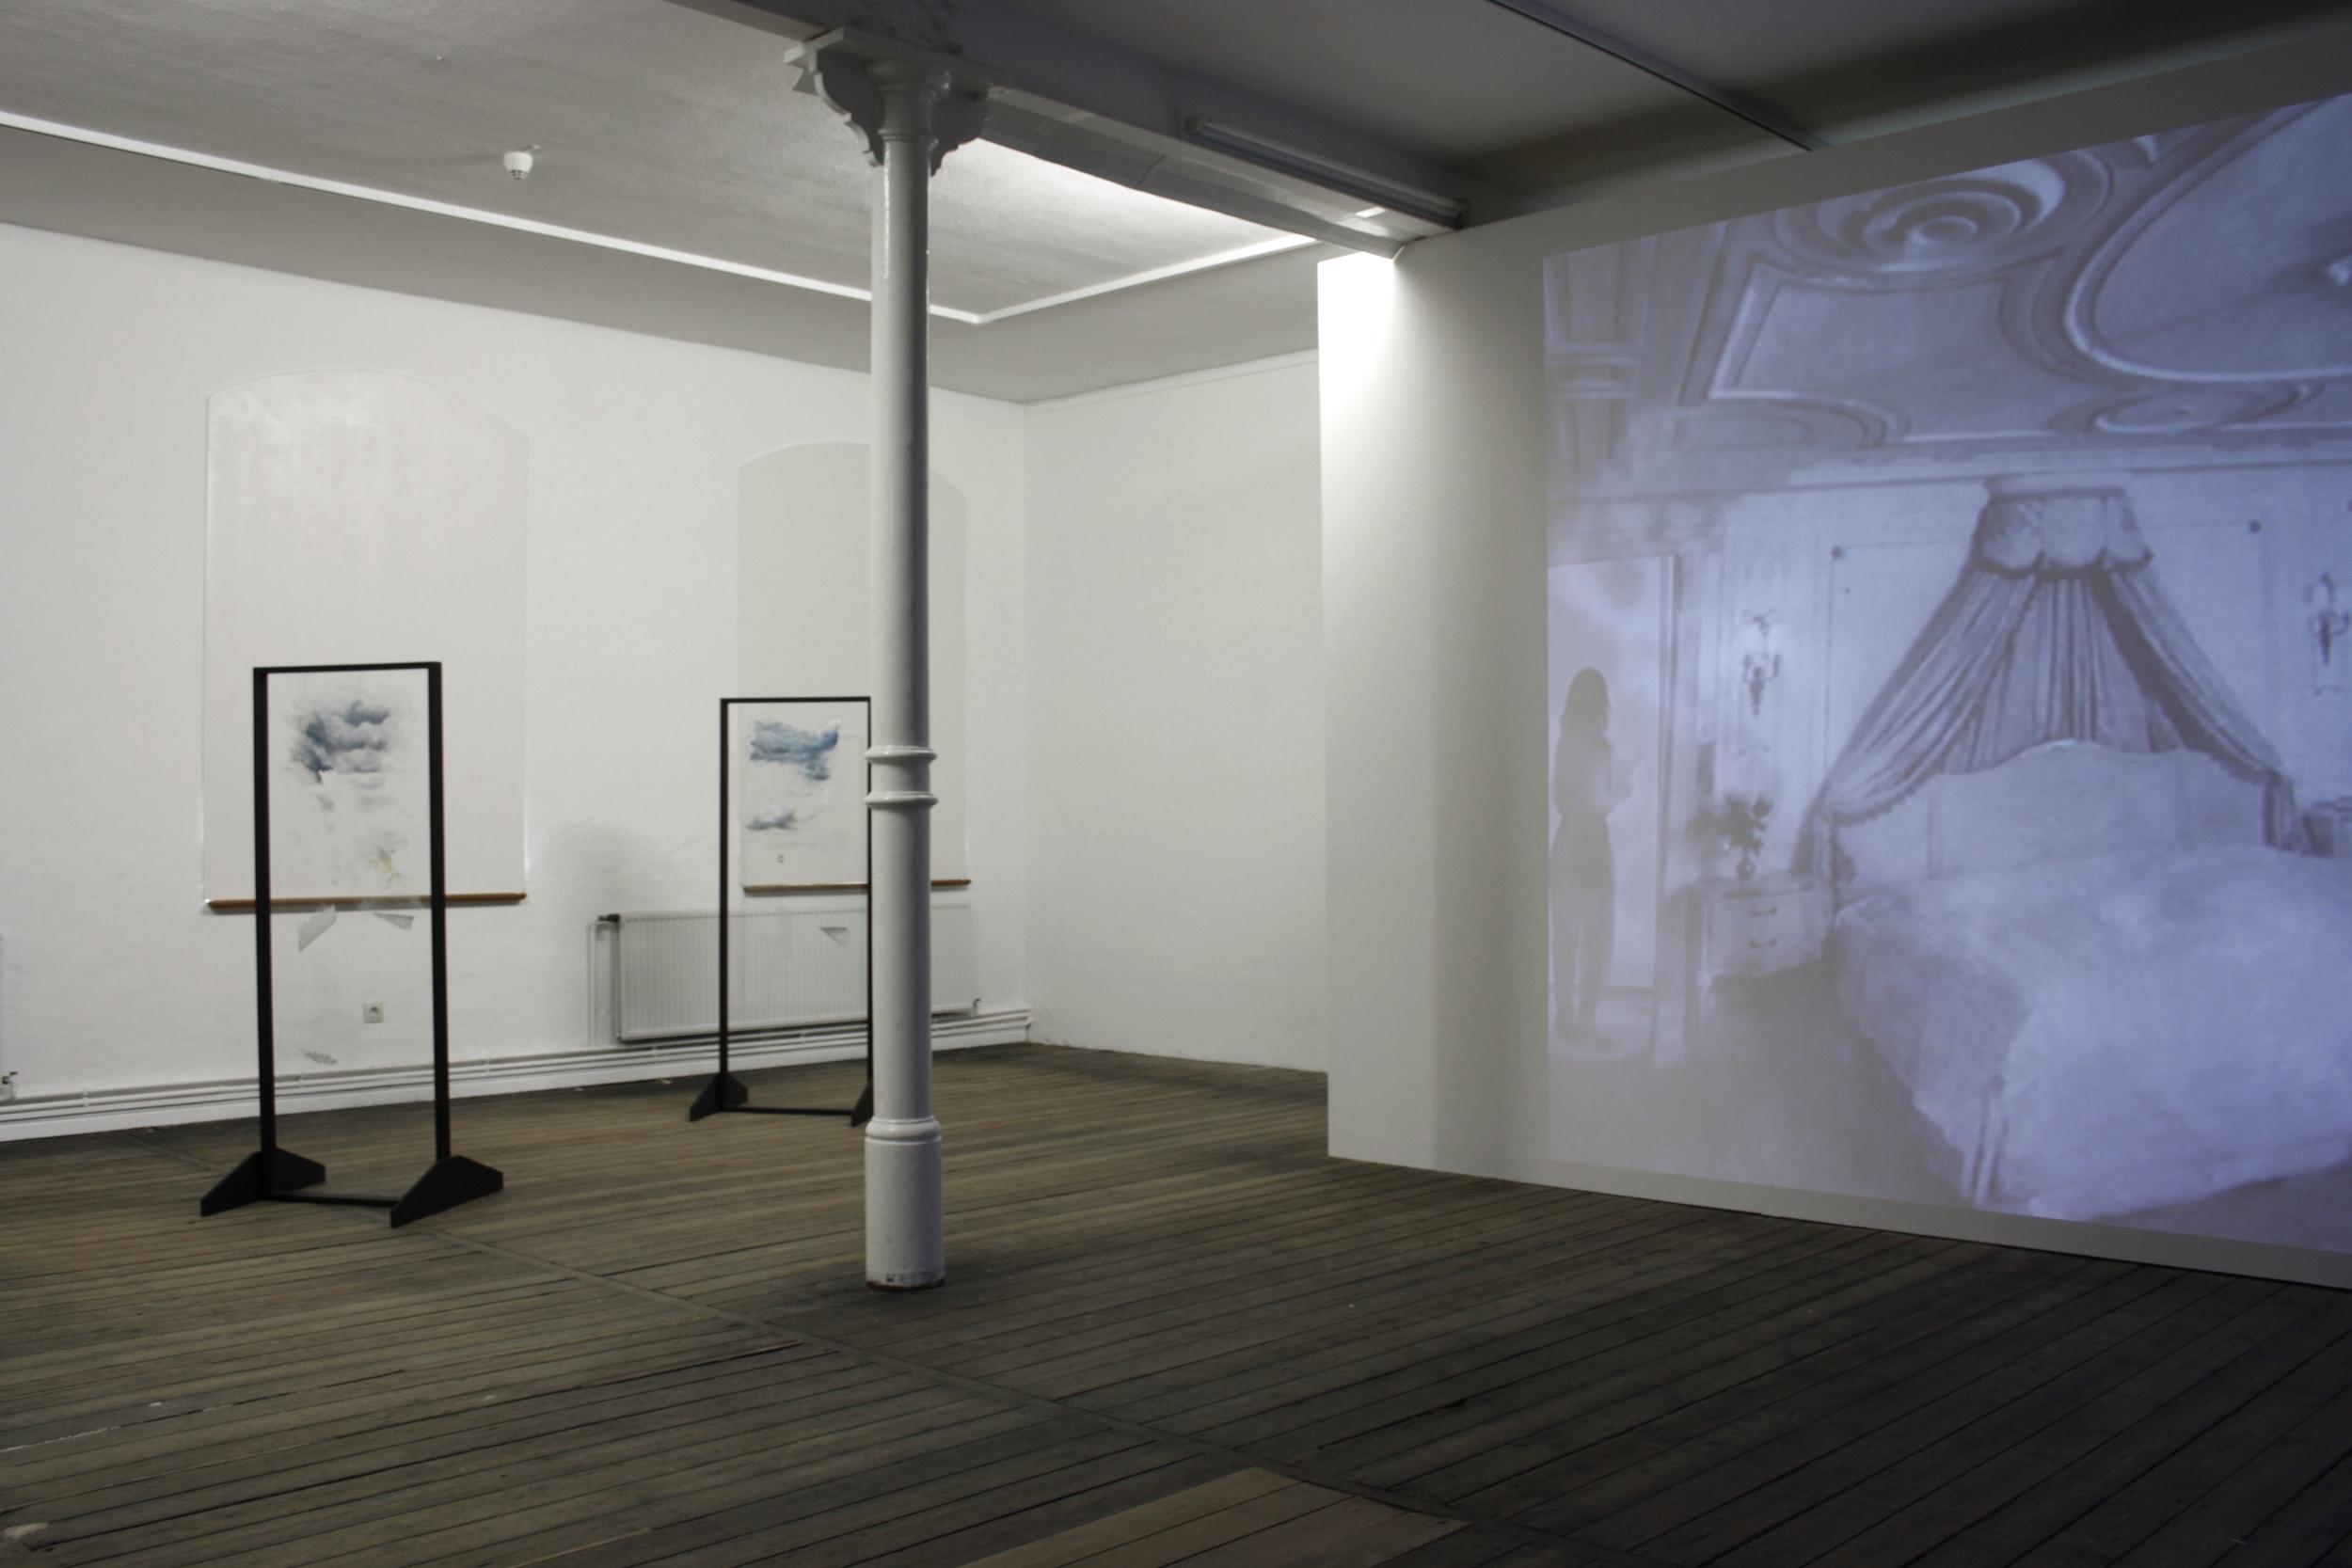 Installation view  Plot Holes,  Artur - Boskamp Foundation, 2010